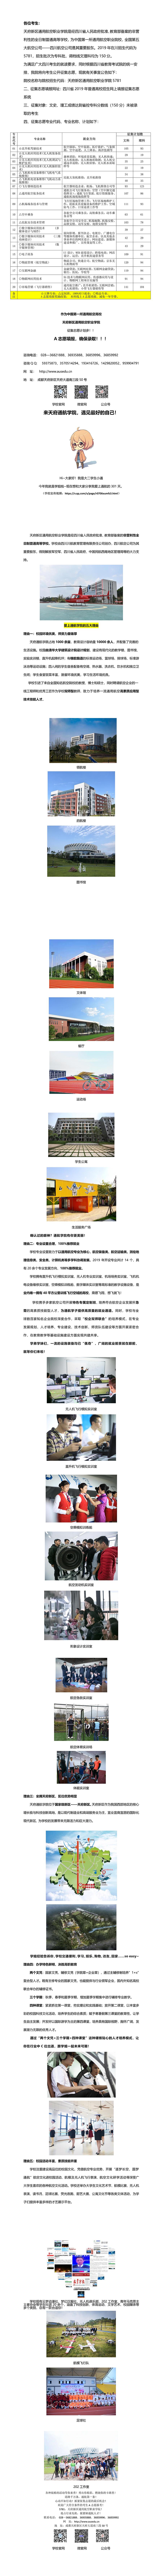 天府新区通用航空职业学院2019年在川专科批公开征集考生志愿的公告